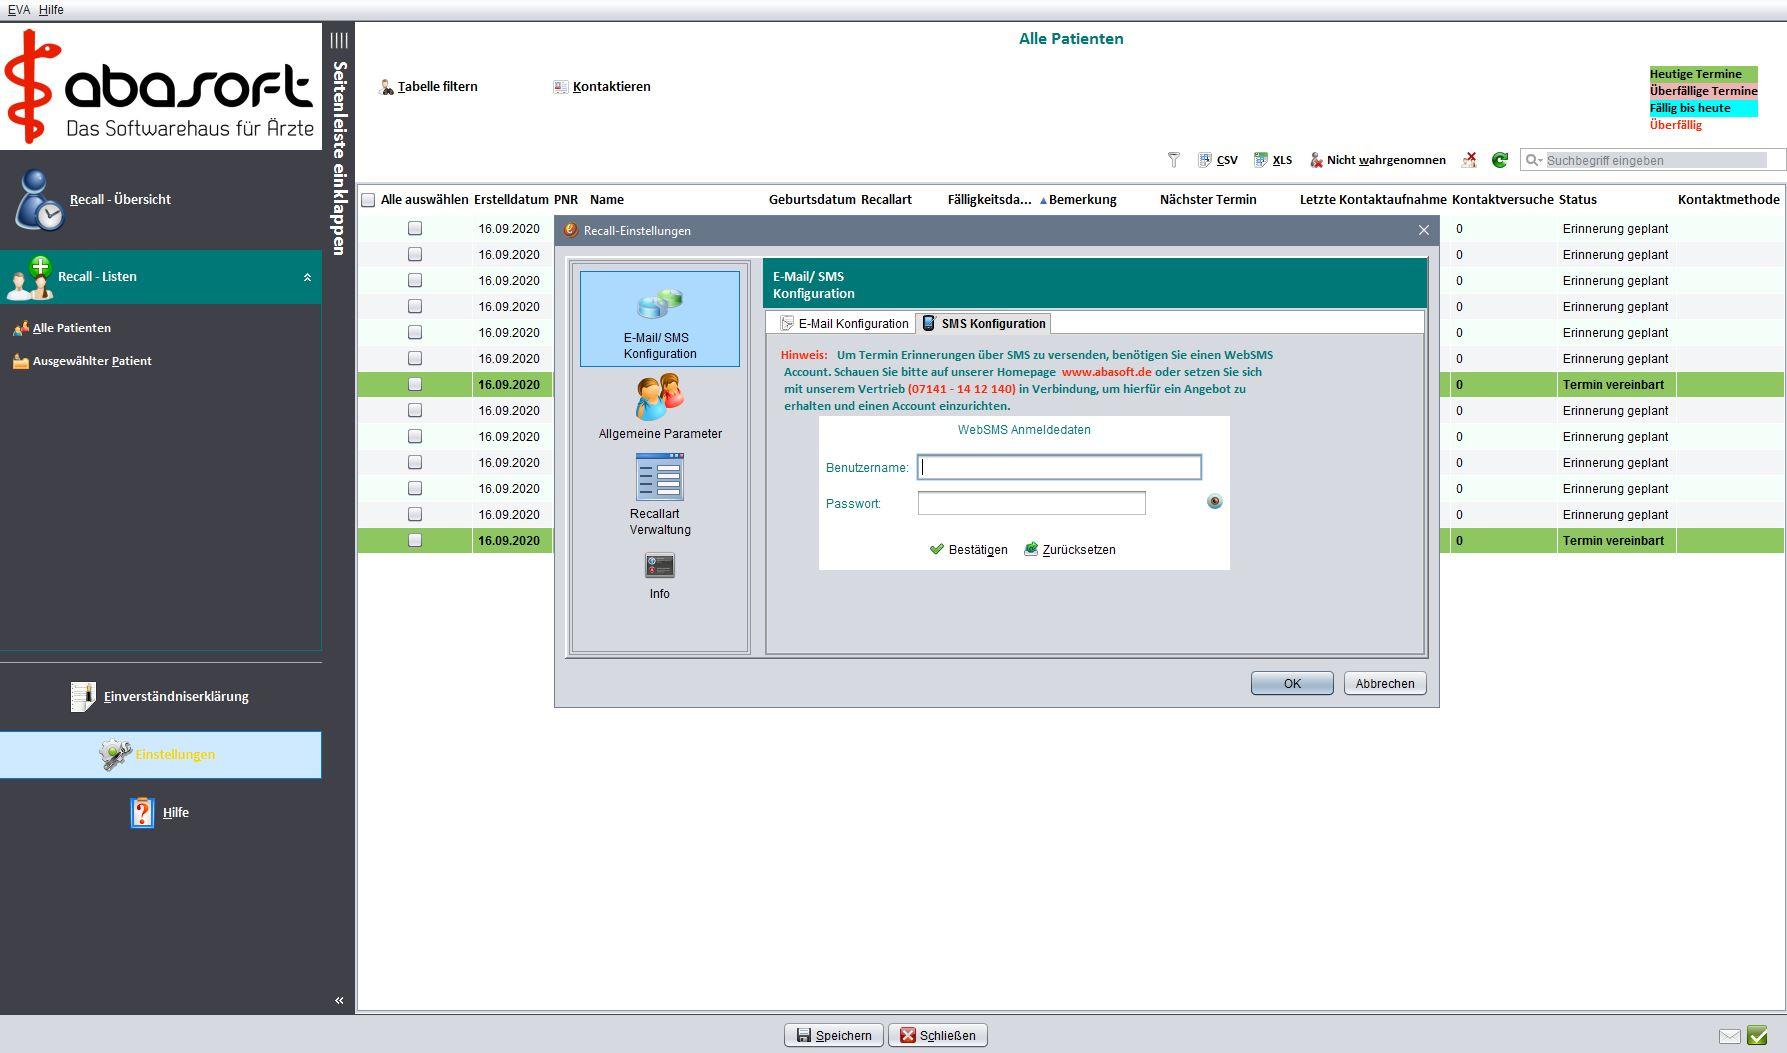 Die Einbindung unseres websms-Dienst ist denkbar einfach und ohne Installationsaufwand.